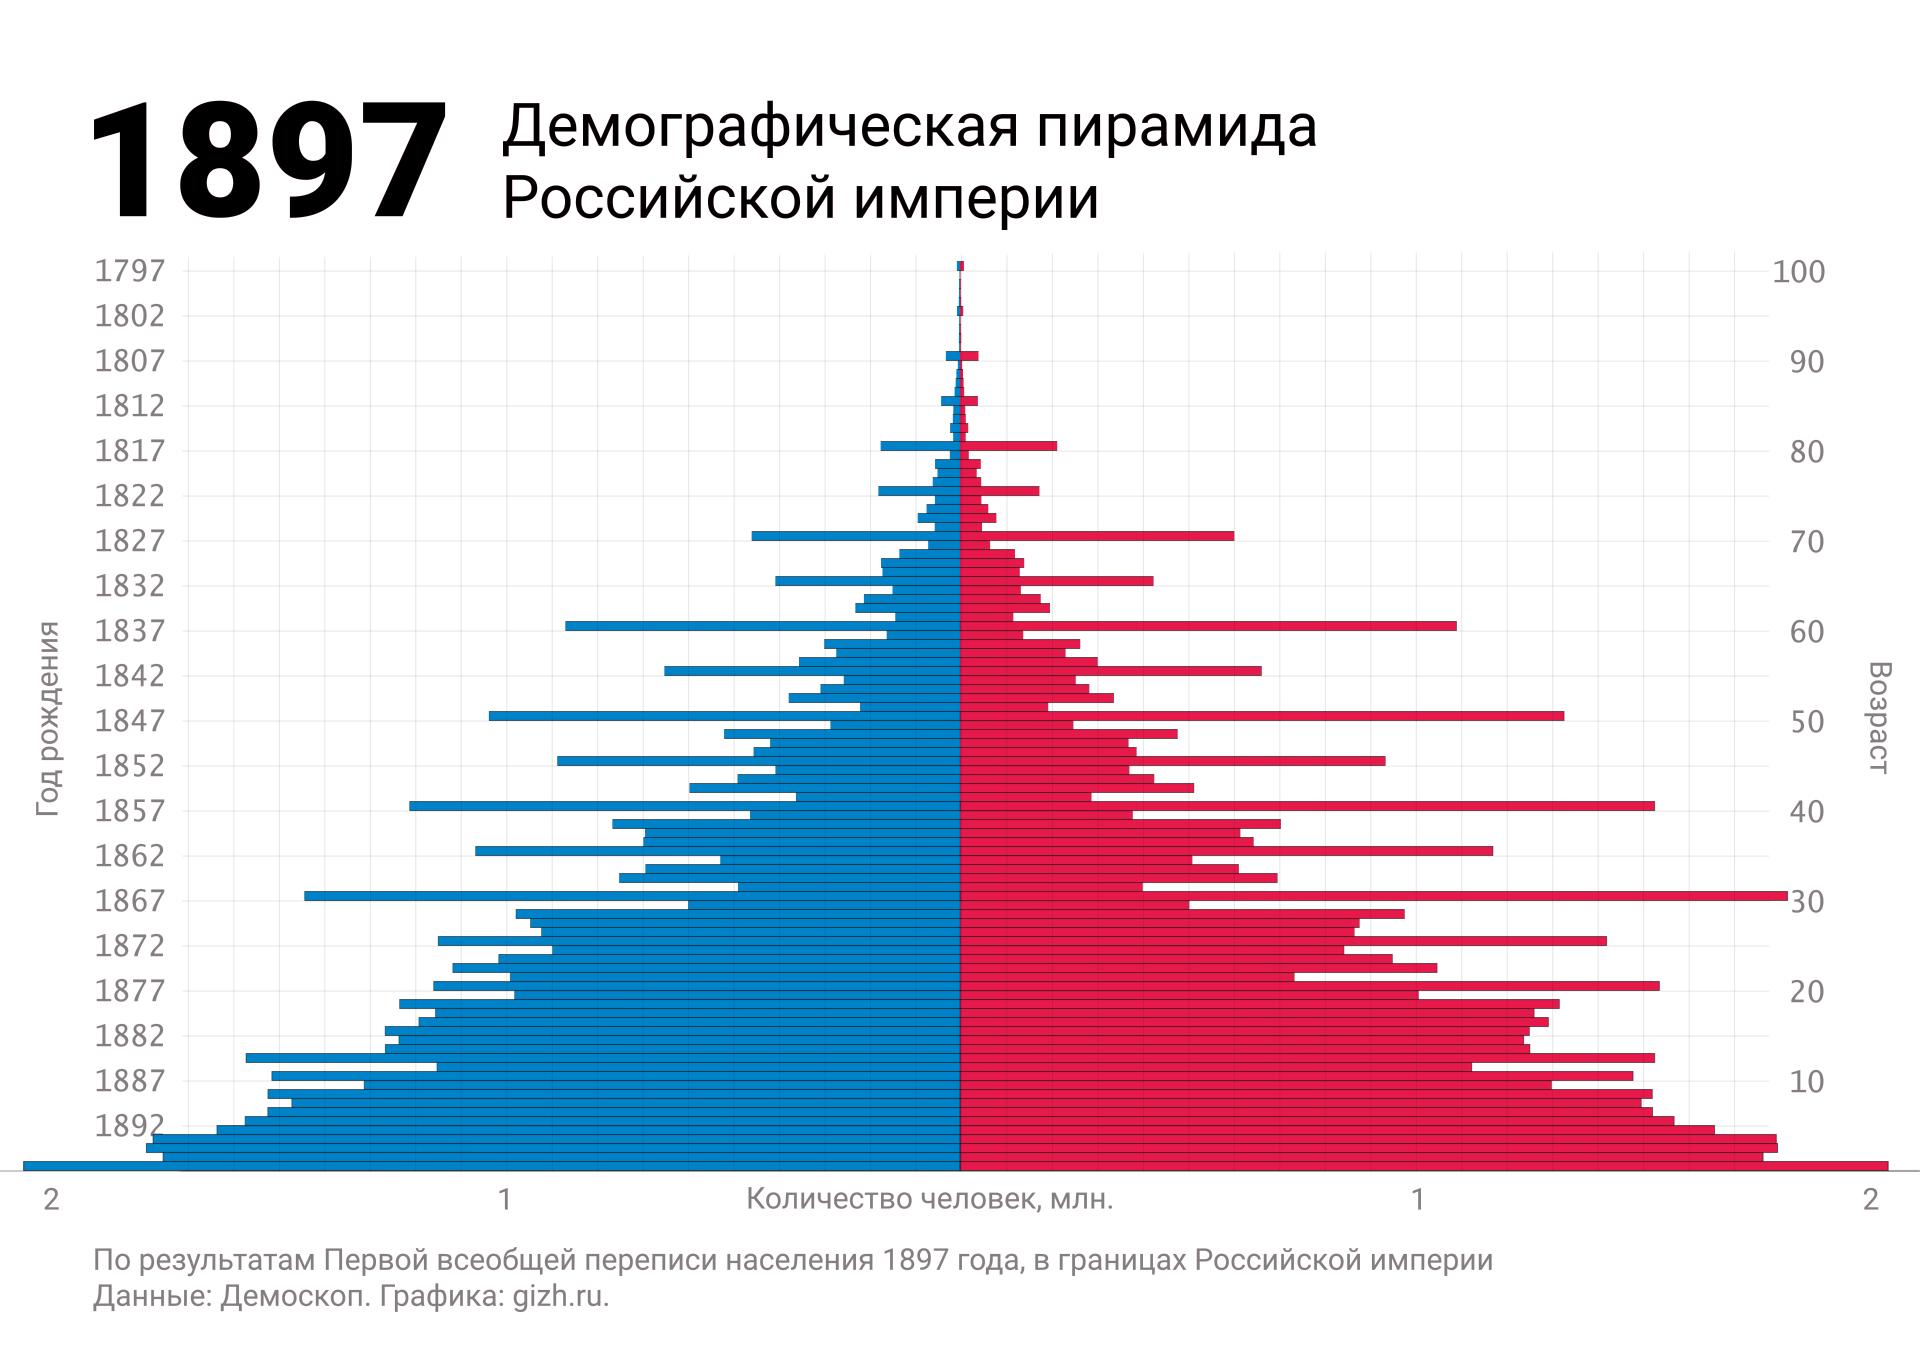 Демографическая (половозрастная) пирамида России по первой переписи 1897